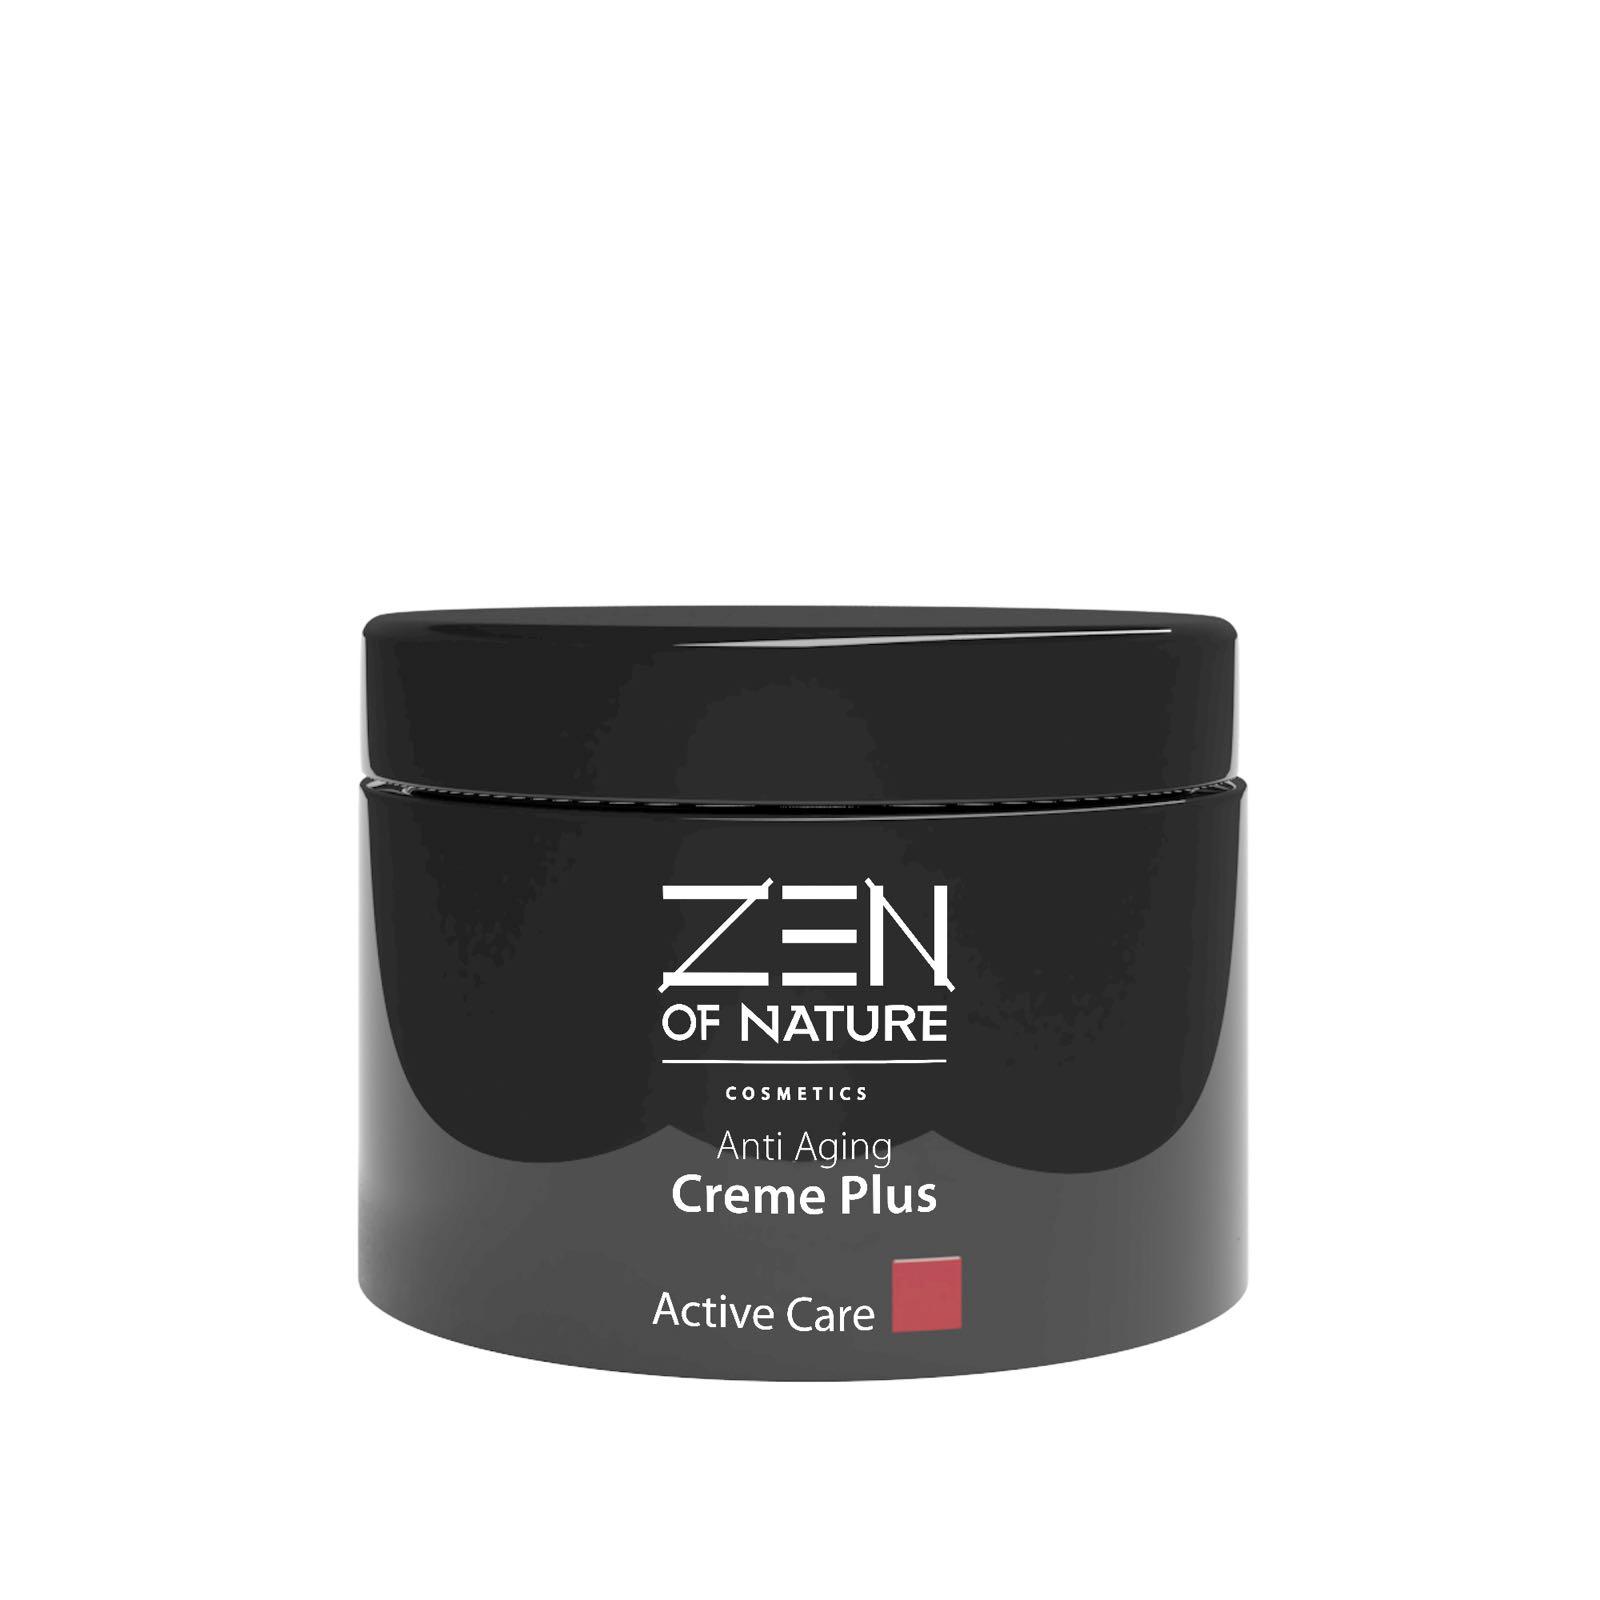 Antiaging Creme Plus  endlich die  richtige Creme bei trockener Haut